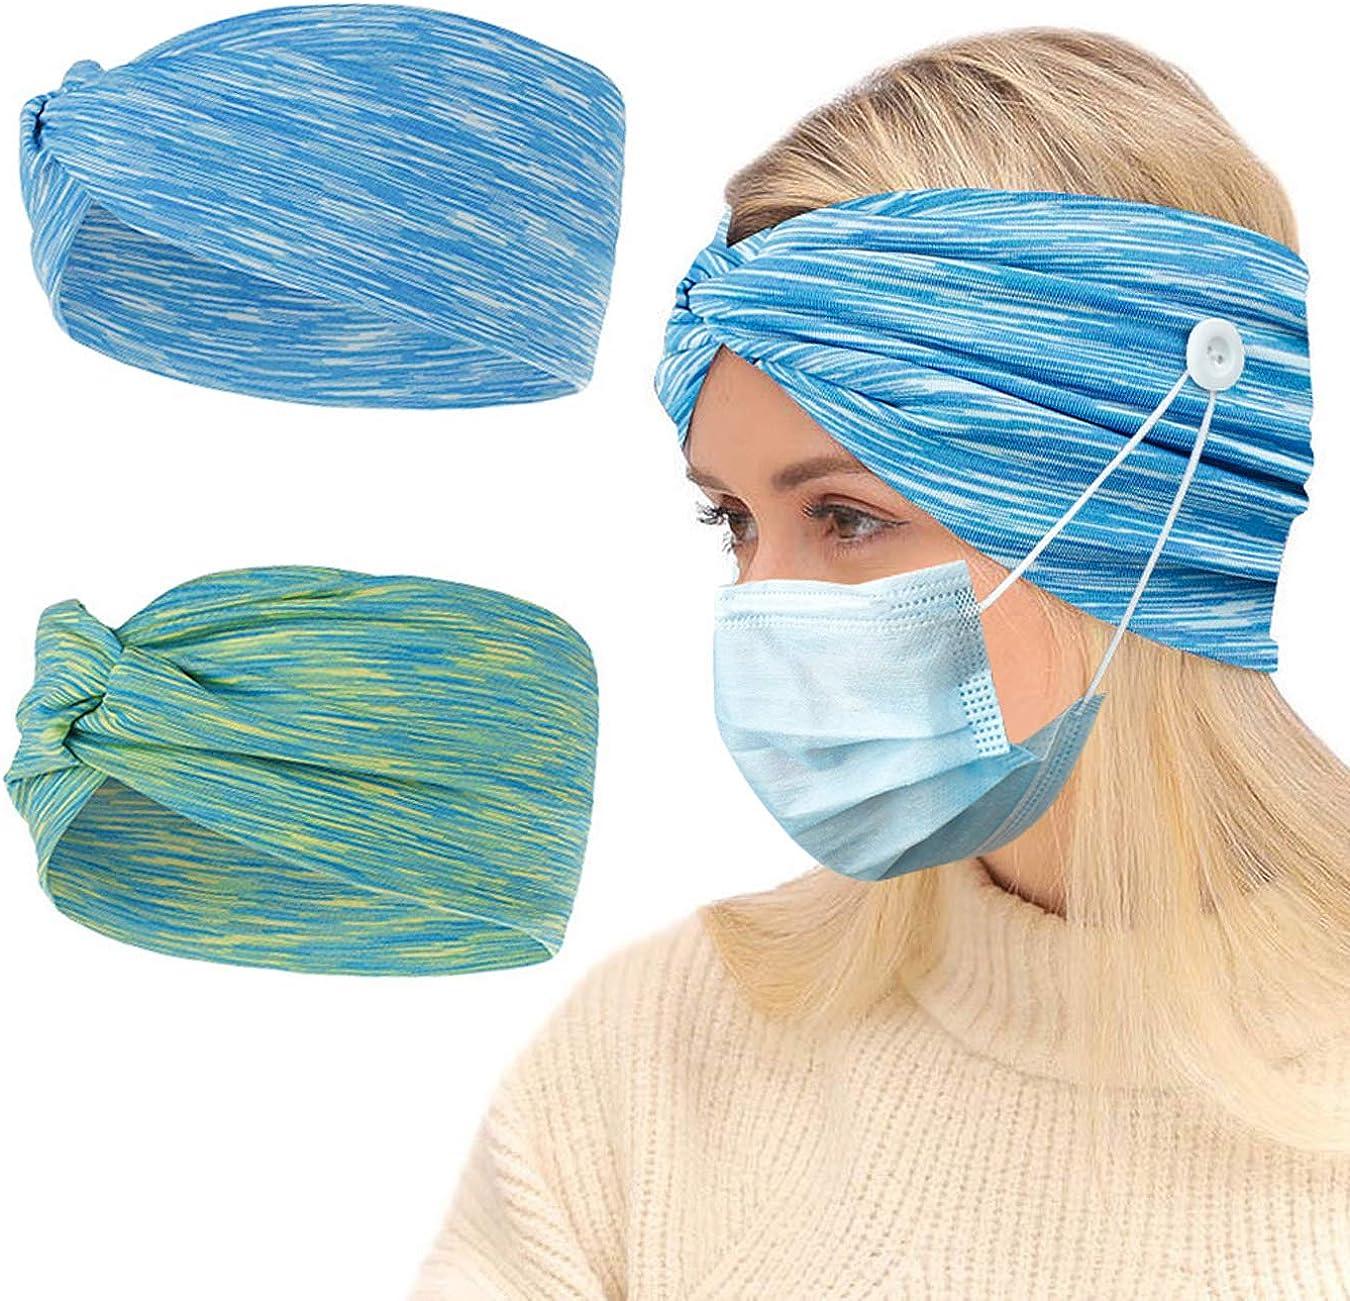 AIEOE 4er Pack Haarband mit Knopf f/ür Damen Herren Sport Stirnband Elastische Rutschfest Schwei/ßband Headwear Sch/ützen Sie Ihre Ohren